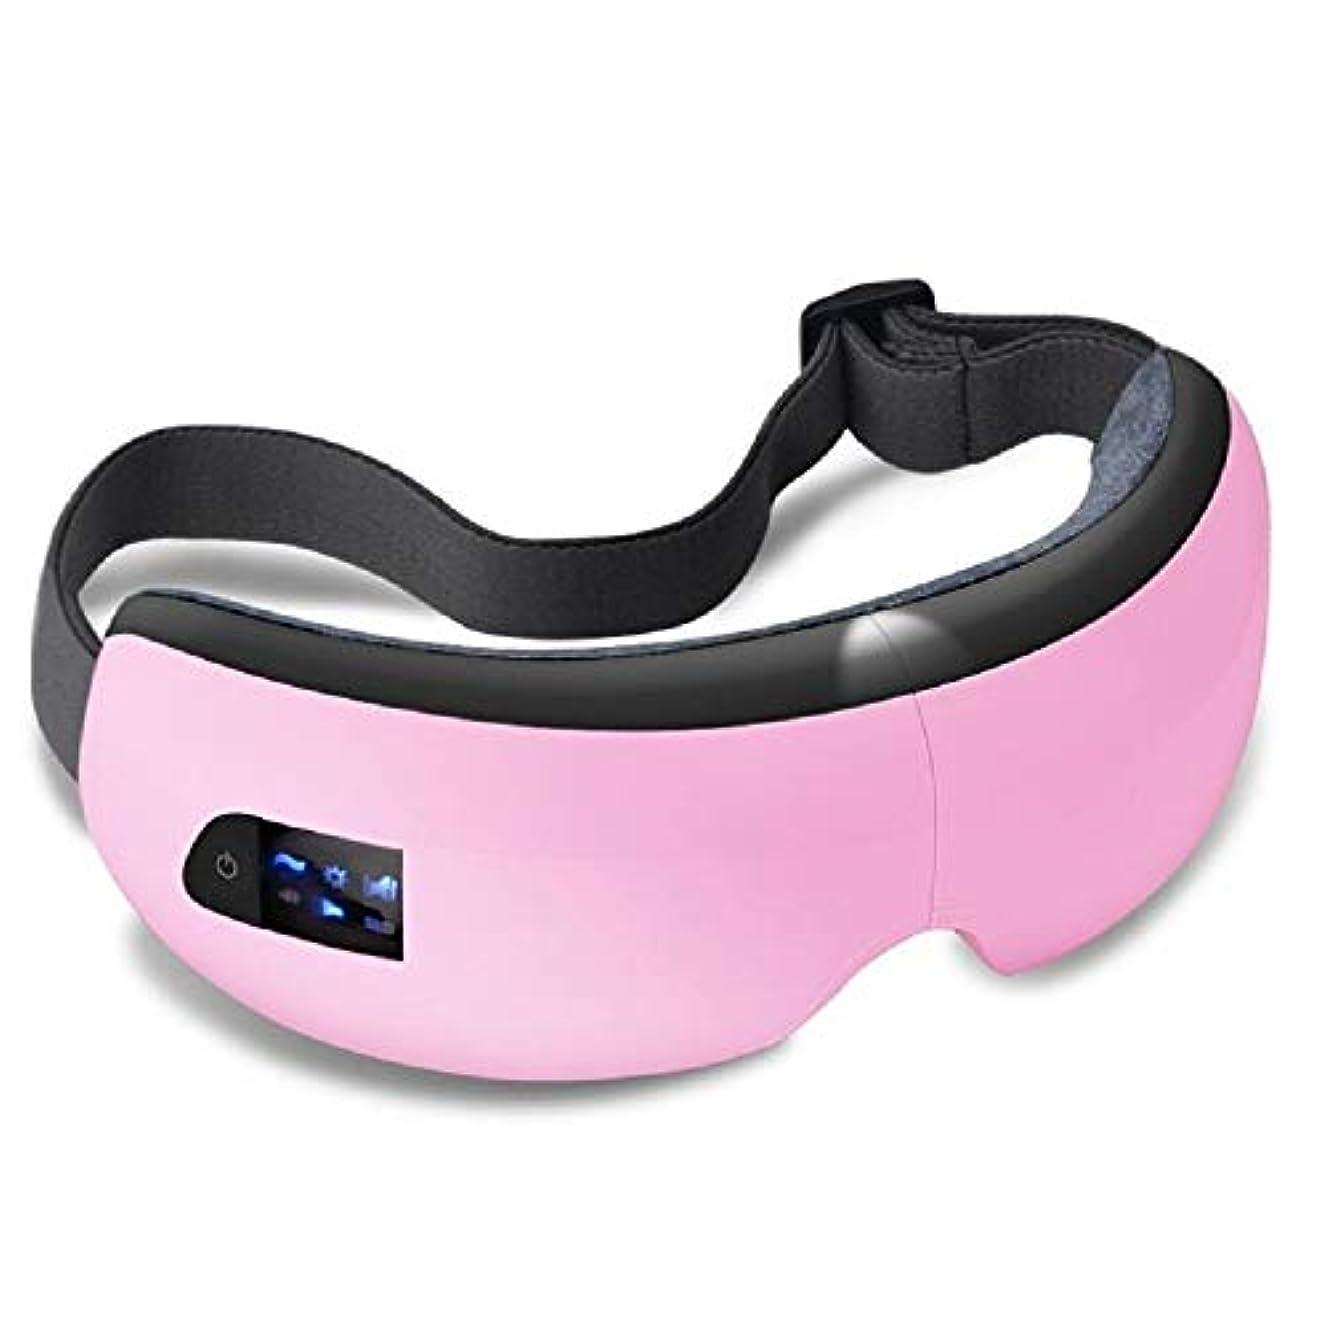 クローゼット前置詞良性アイバッグ、ダークサークル、アイ疲労、ドライアイのための空気圧振動とブルートゥース機能付き熱圧縮充電式ワイヤレスアイマッサージャーマスク付き電動アイマッサージャー (Color : Pink)